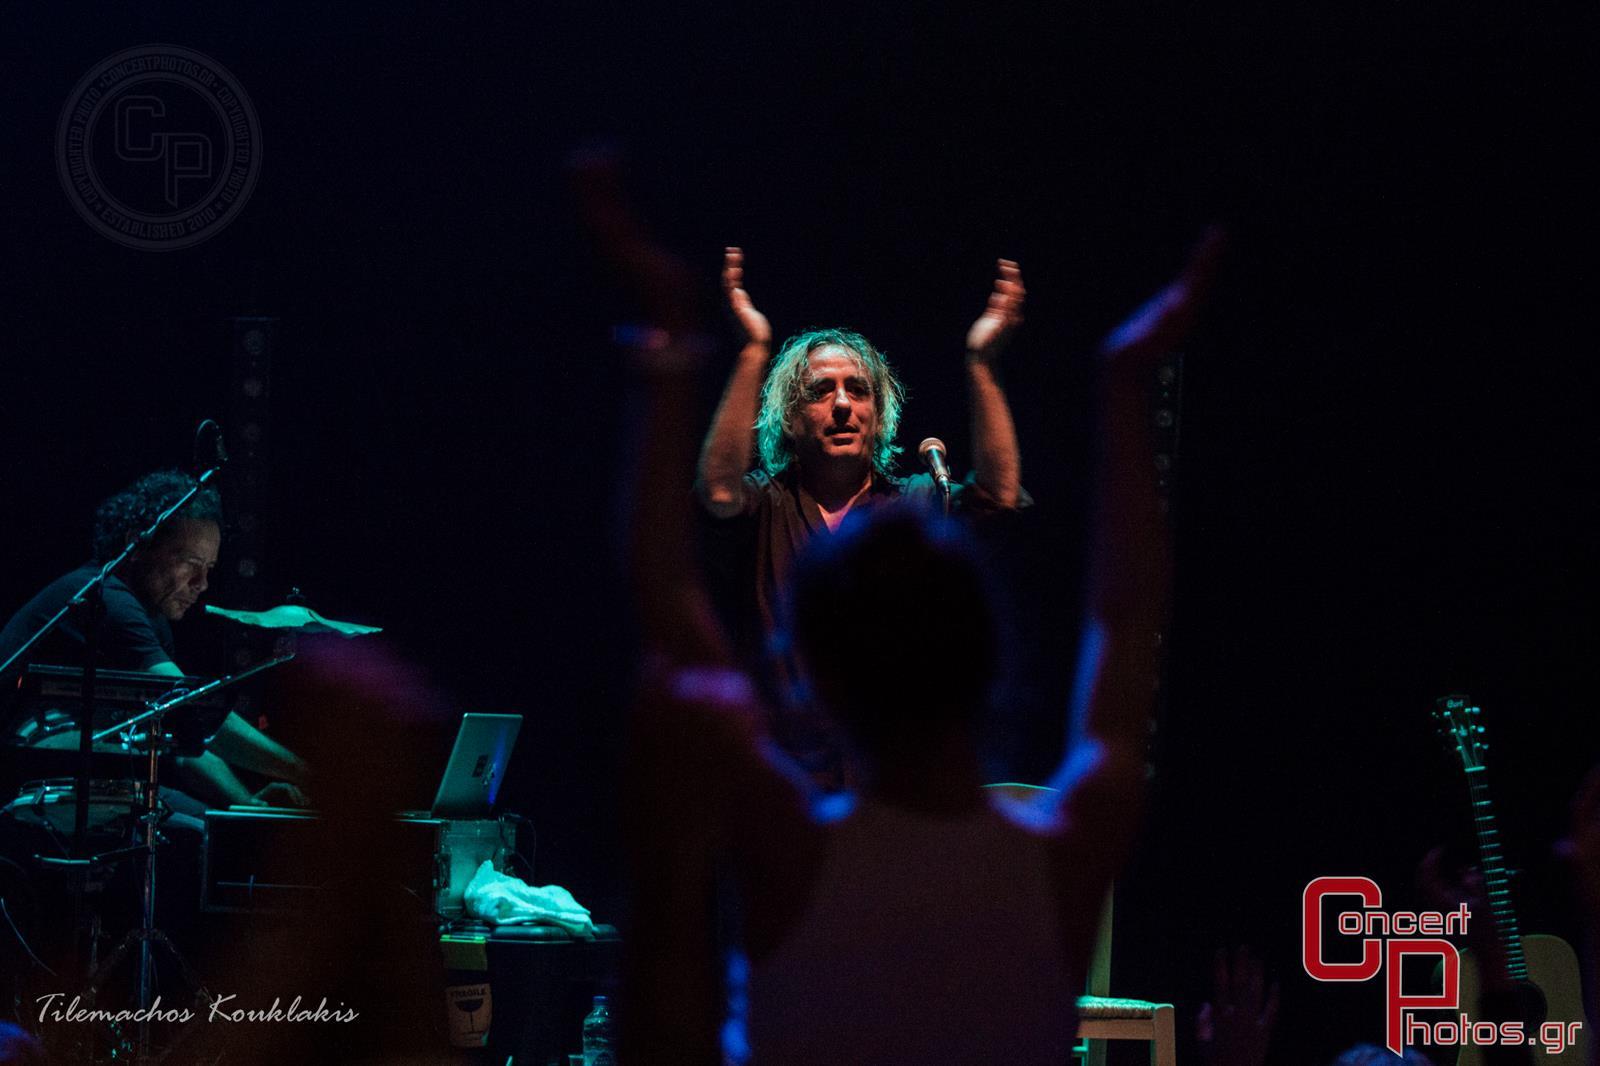 Γιάννης Αγγελάκας - Σύννεφα με Παντελόνια-Aggelakas-2 photographer:  - concertphotos_-1405153308